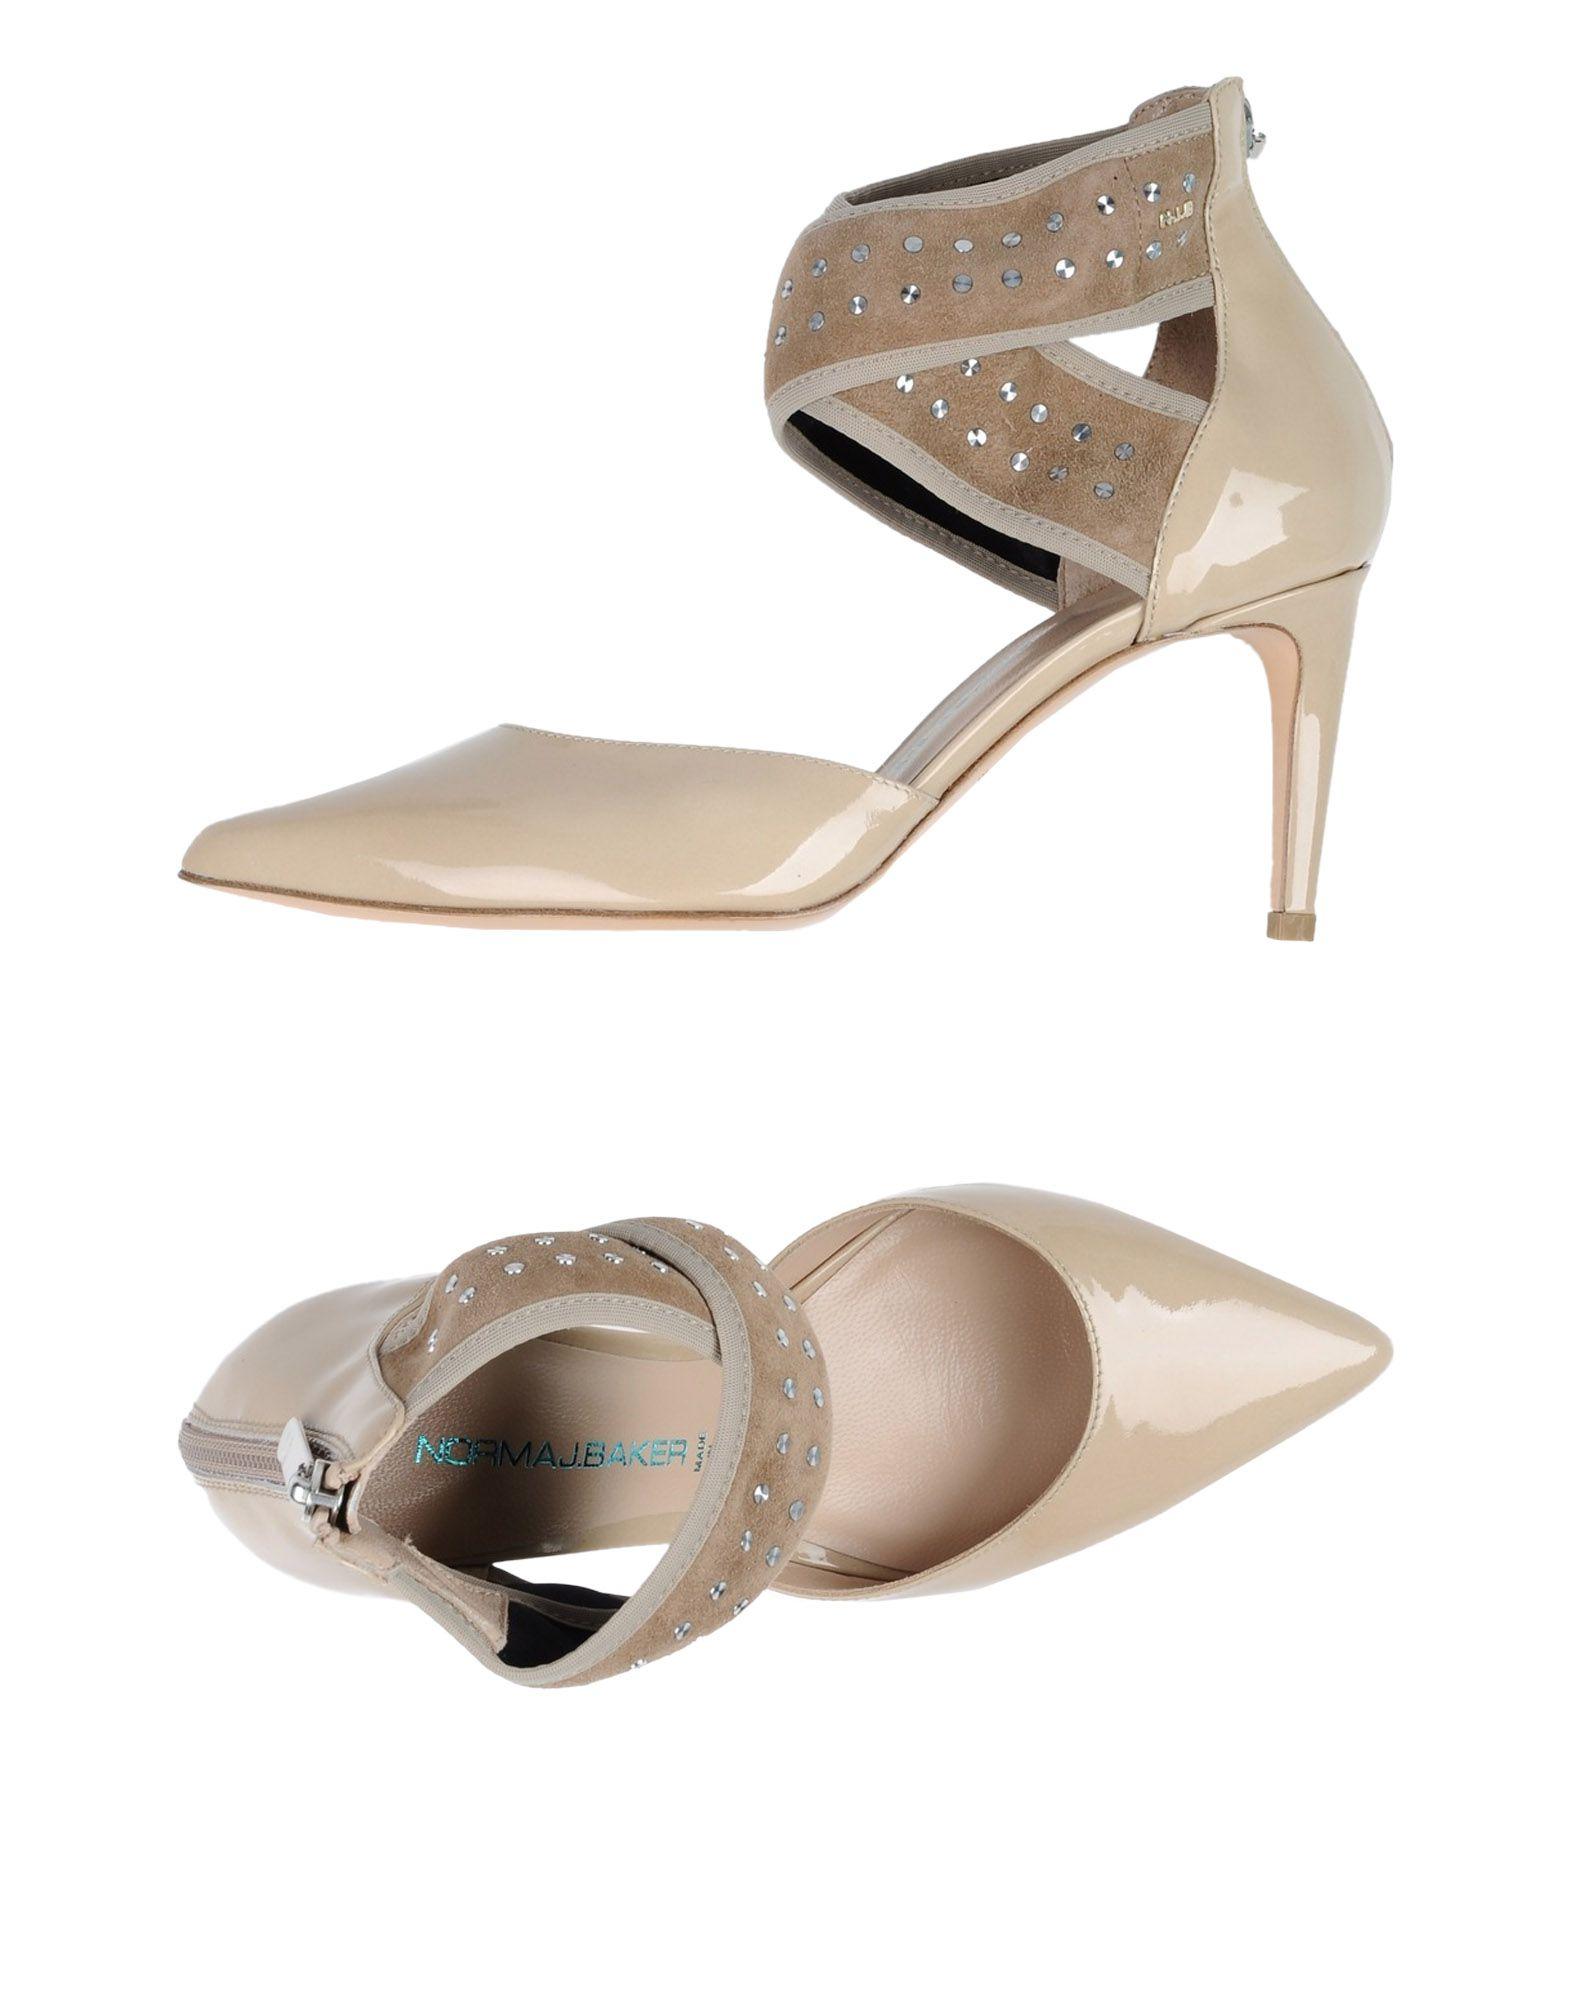 Norma J.Baker Pumps Damen  11338905OH Gute Qualität beliebte Schuhe